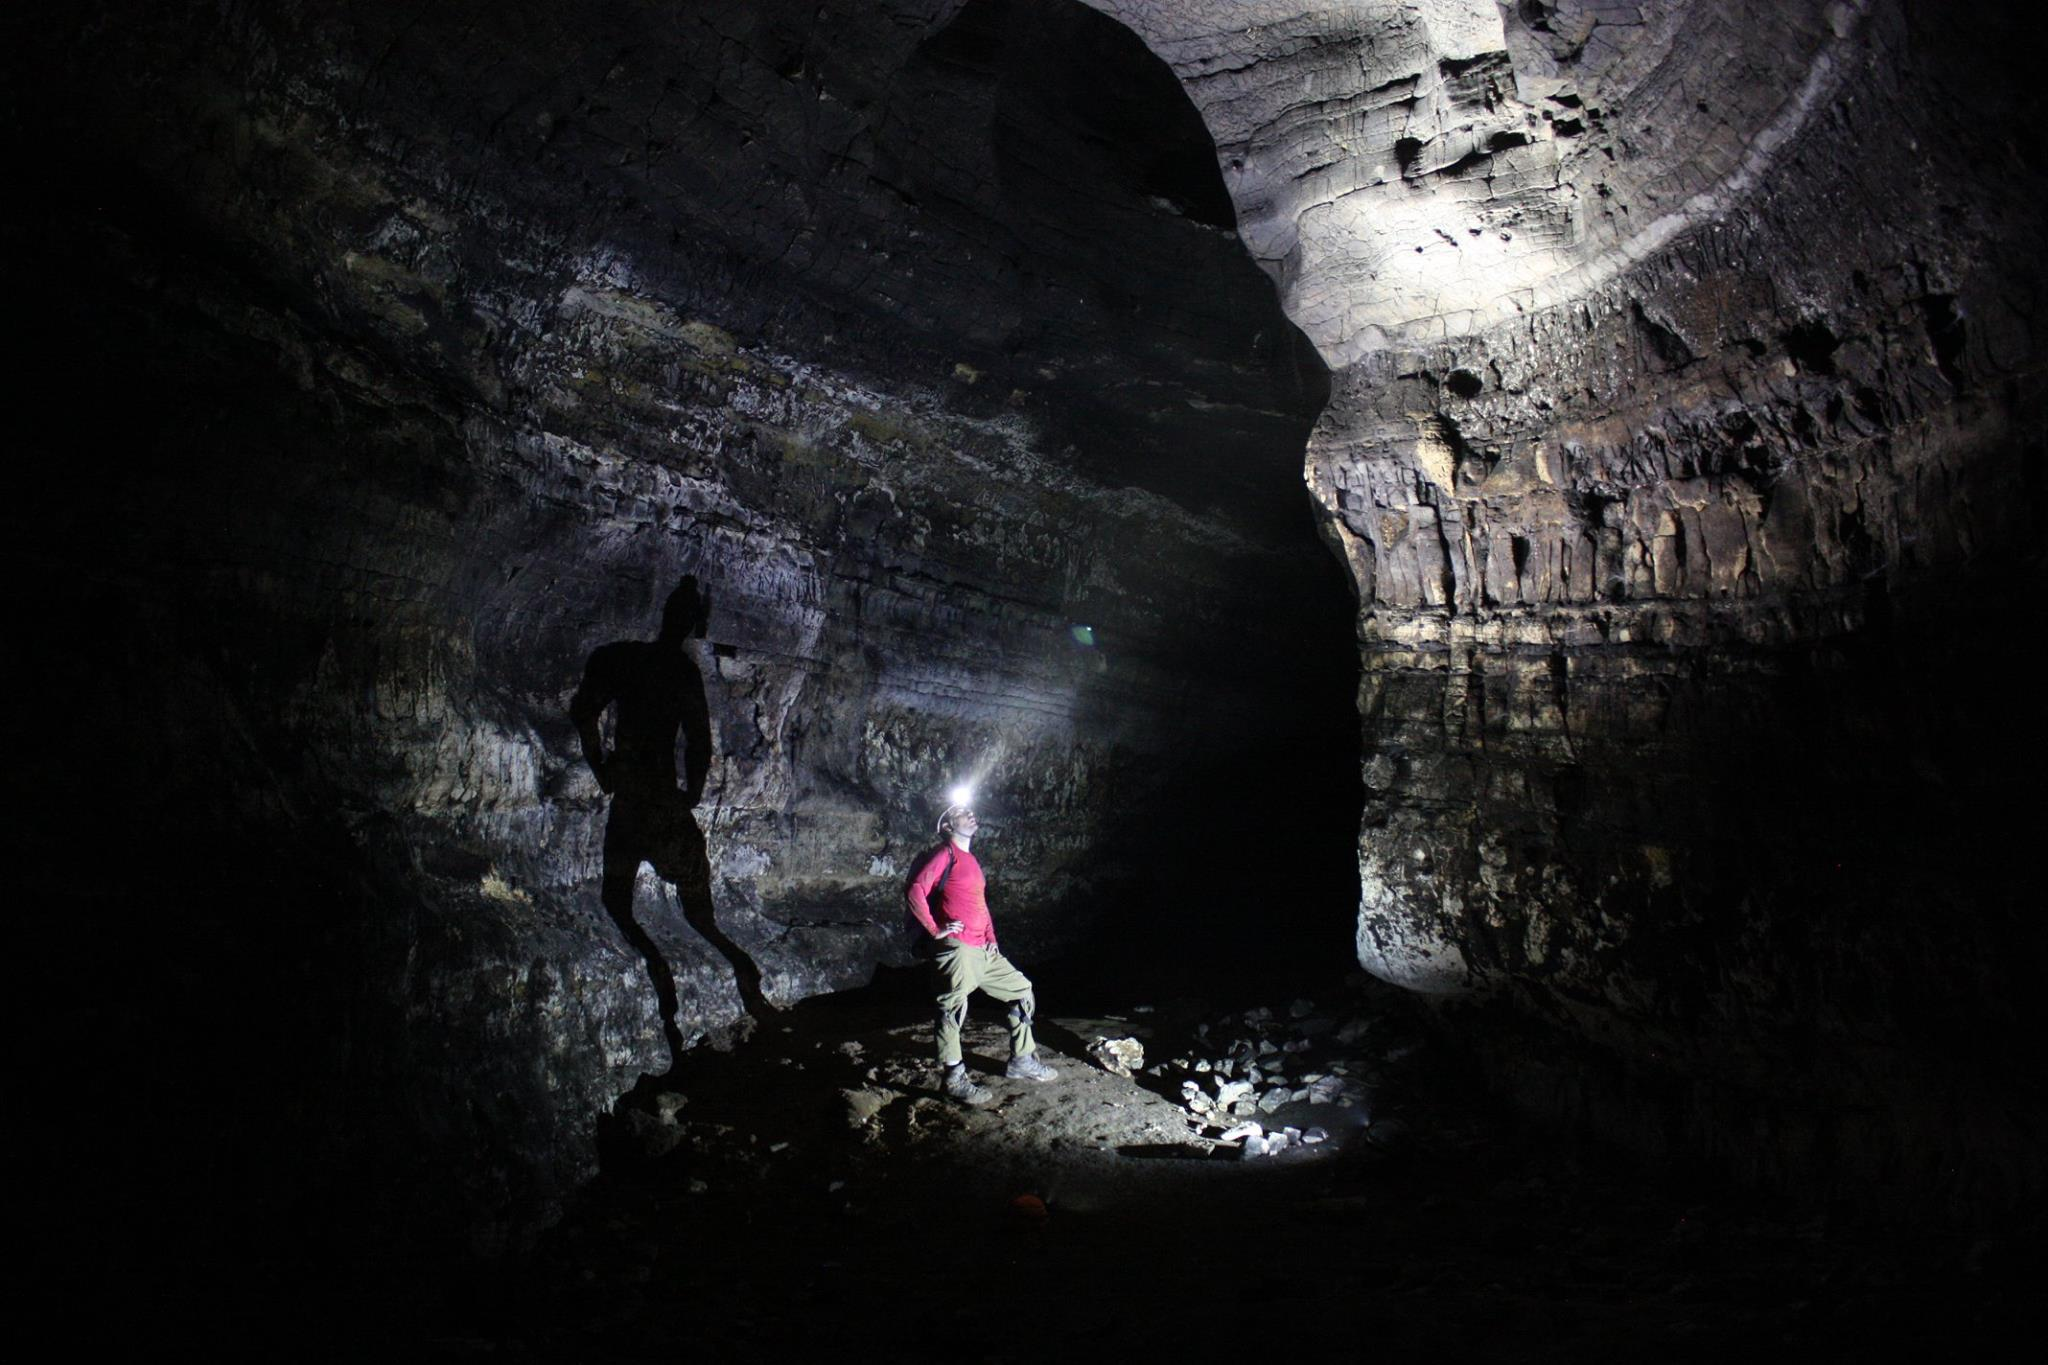 מחילה עליונה במערת טור א-צפא.